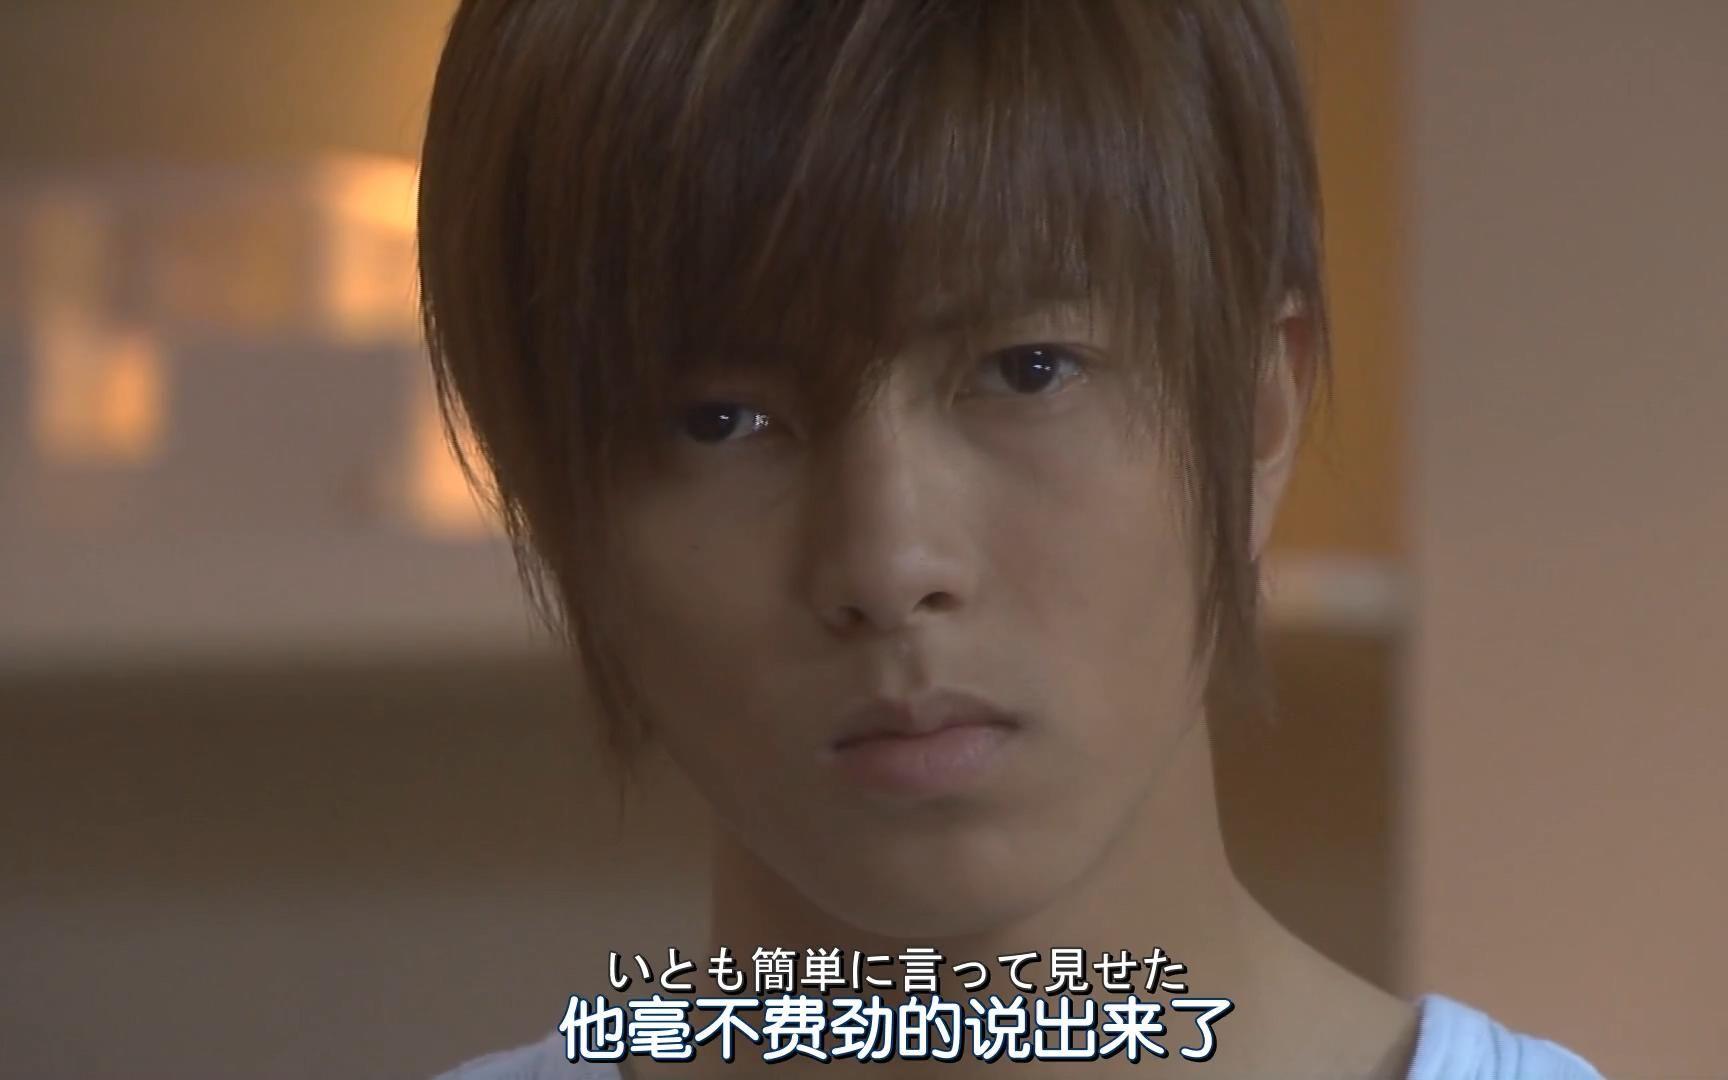 《求婚大作战》EP07-5 山下智久cut (中日字幕超清)